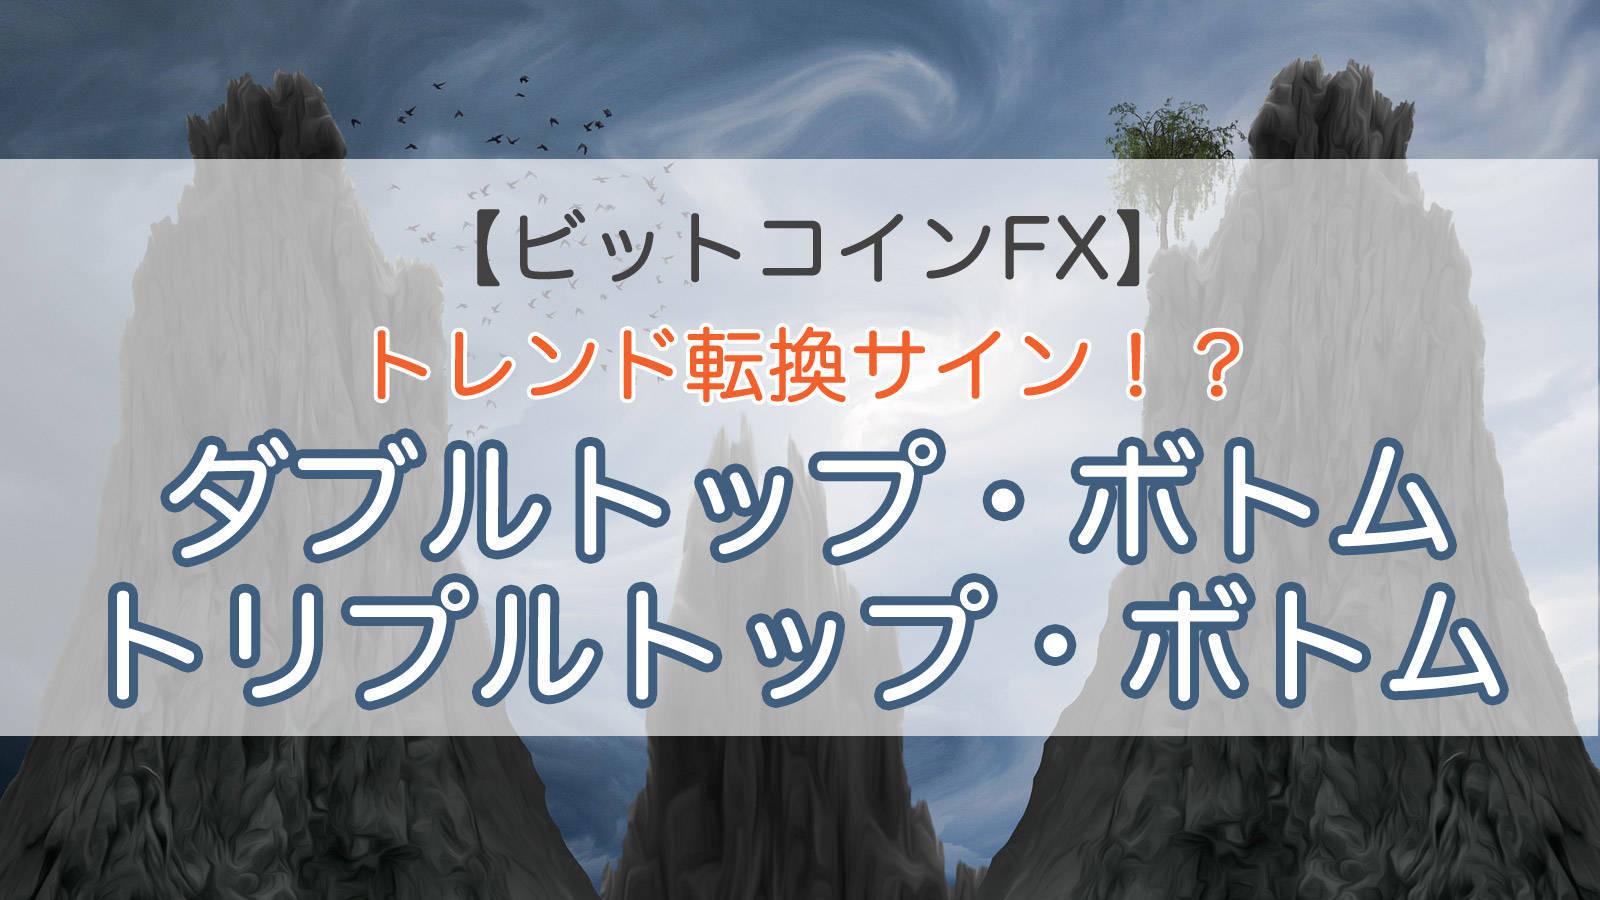 ビットコインFX|トレンド転換サイン!? ダブルトップ・ボトム / トリプルトップ・ボトム